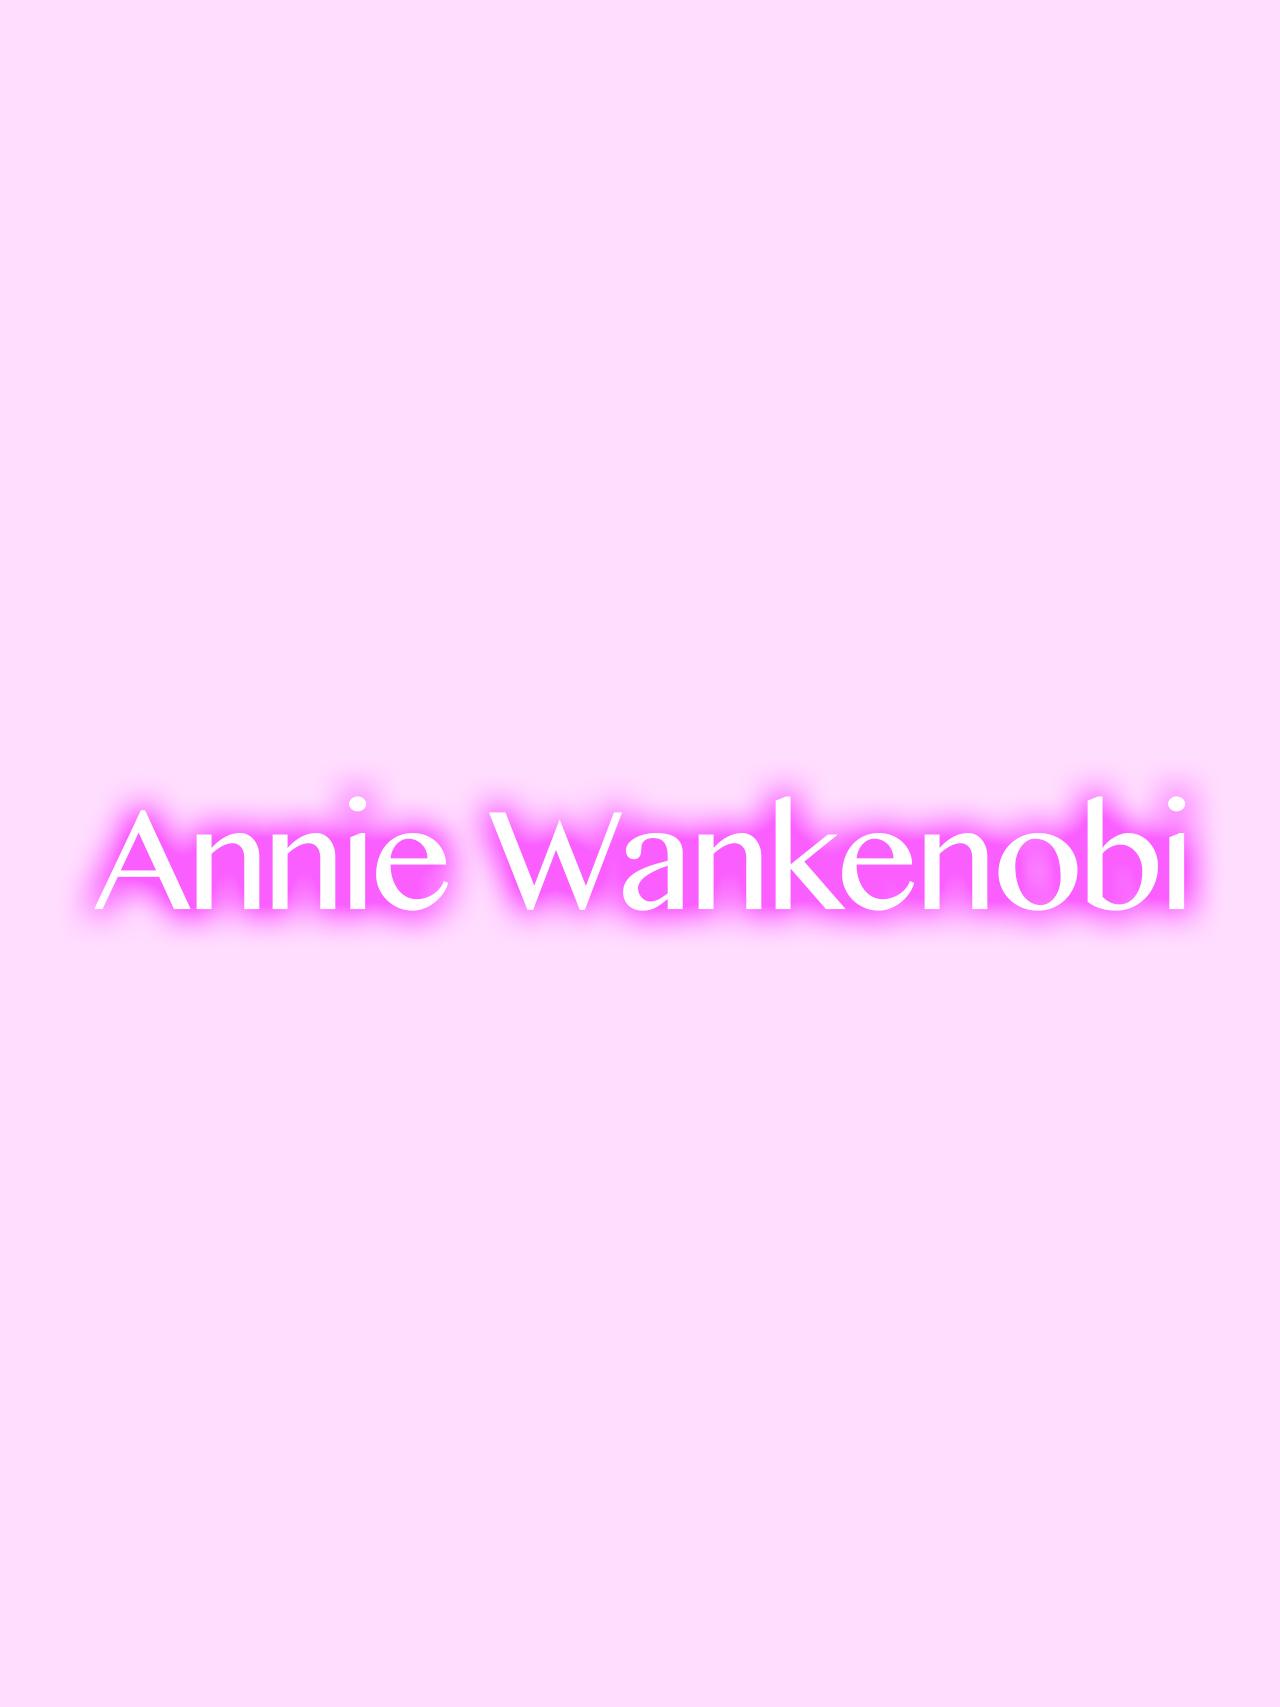 Annie Wankenobi